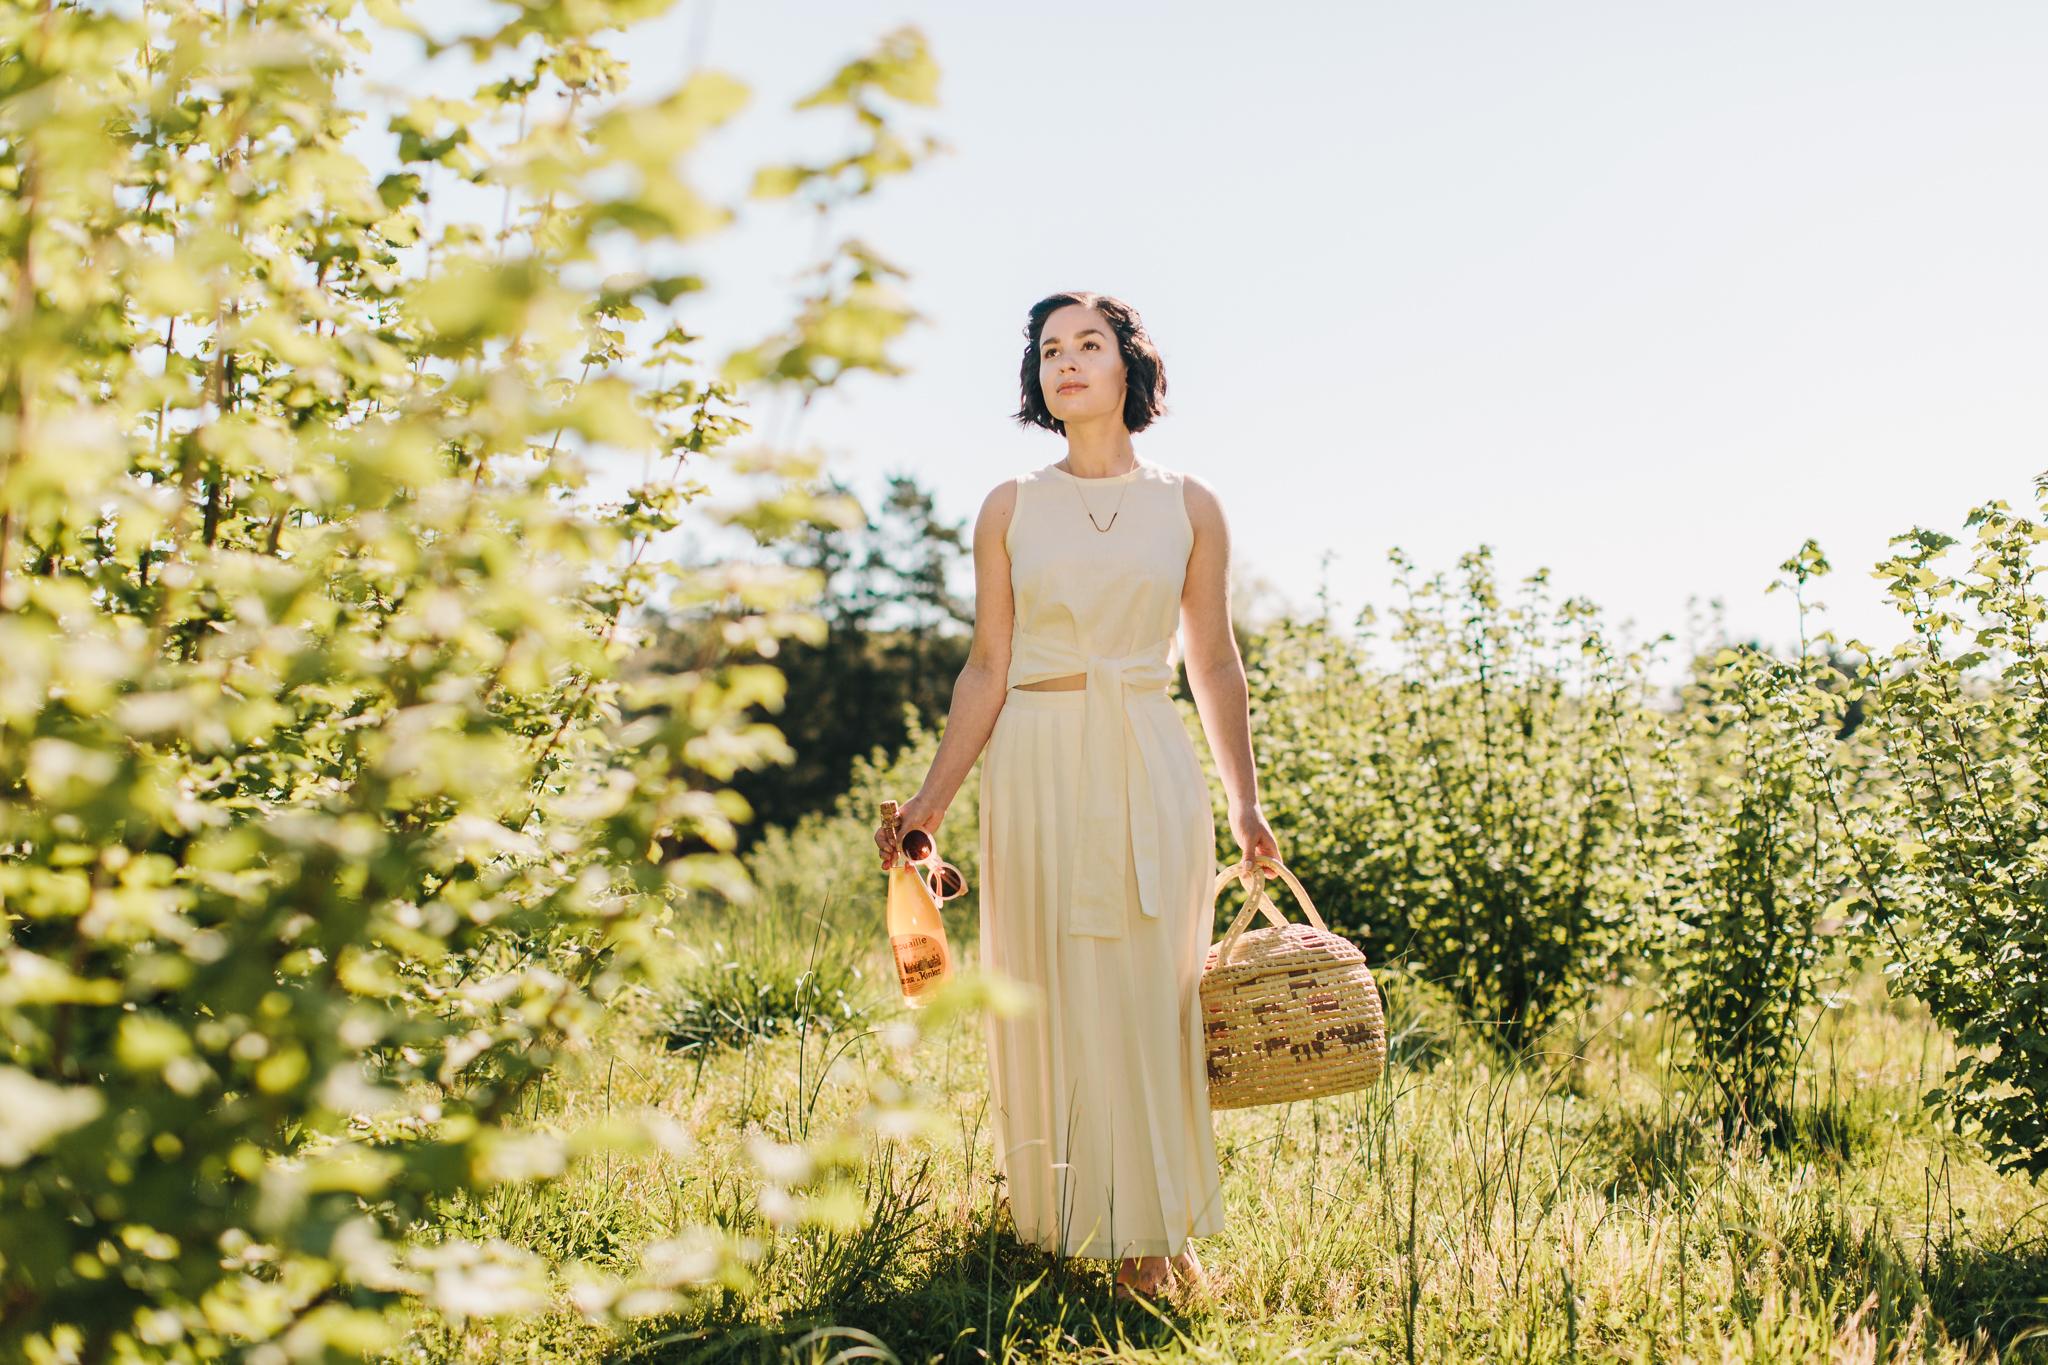 CK-Photo-Nashville-lifestyle-wedding-engagement-photographer